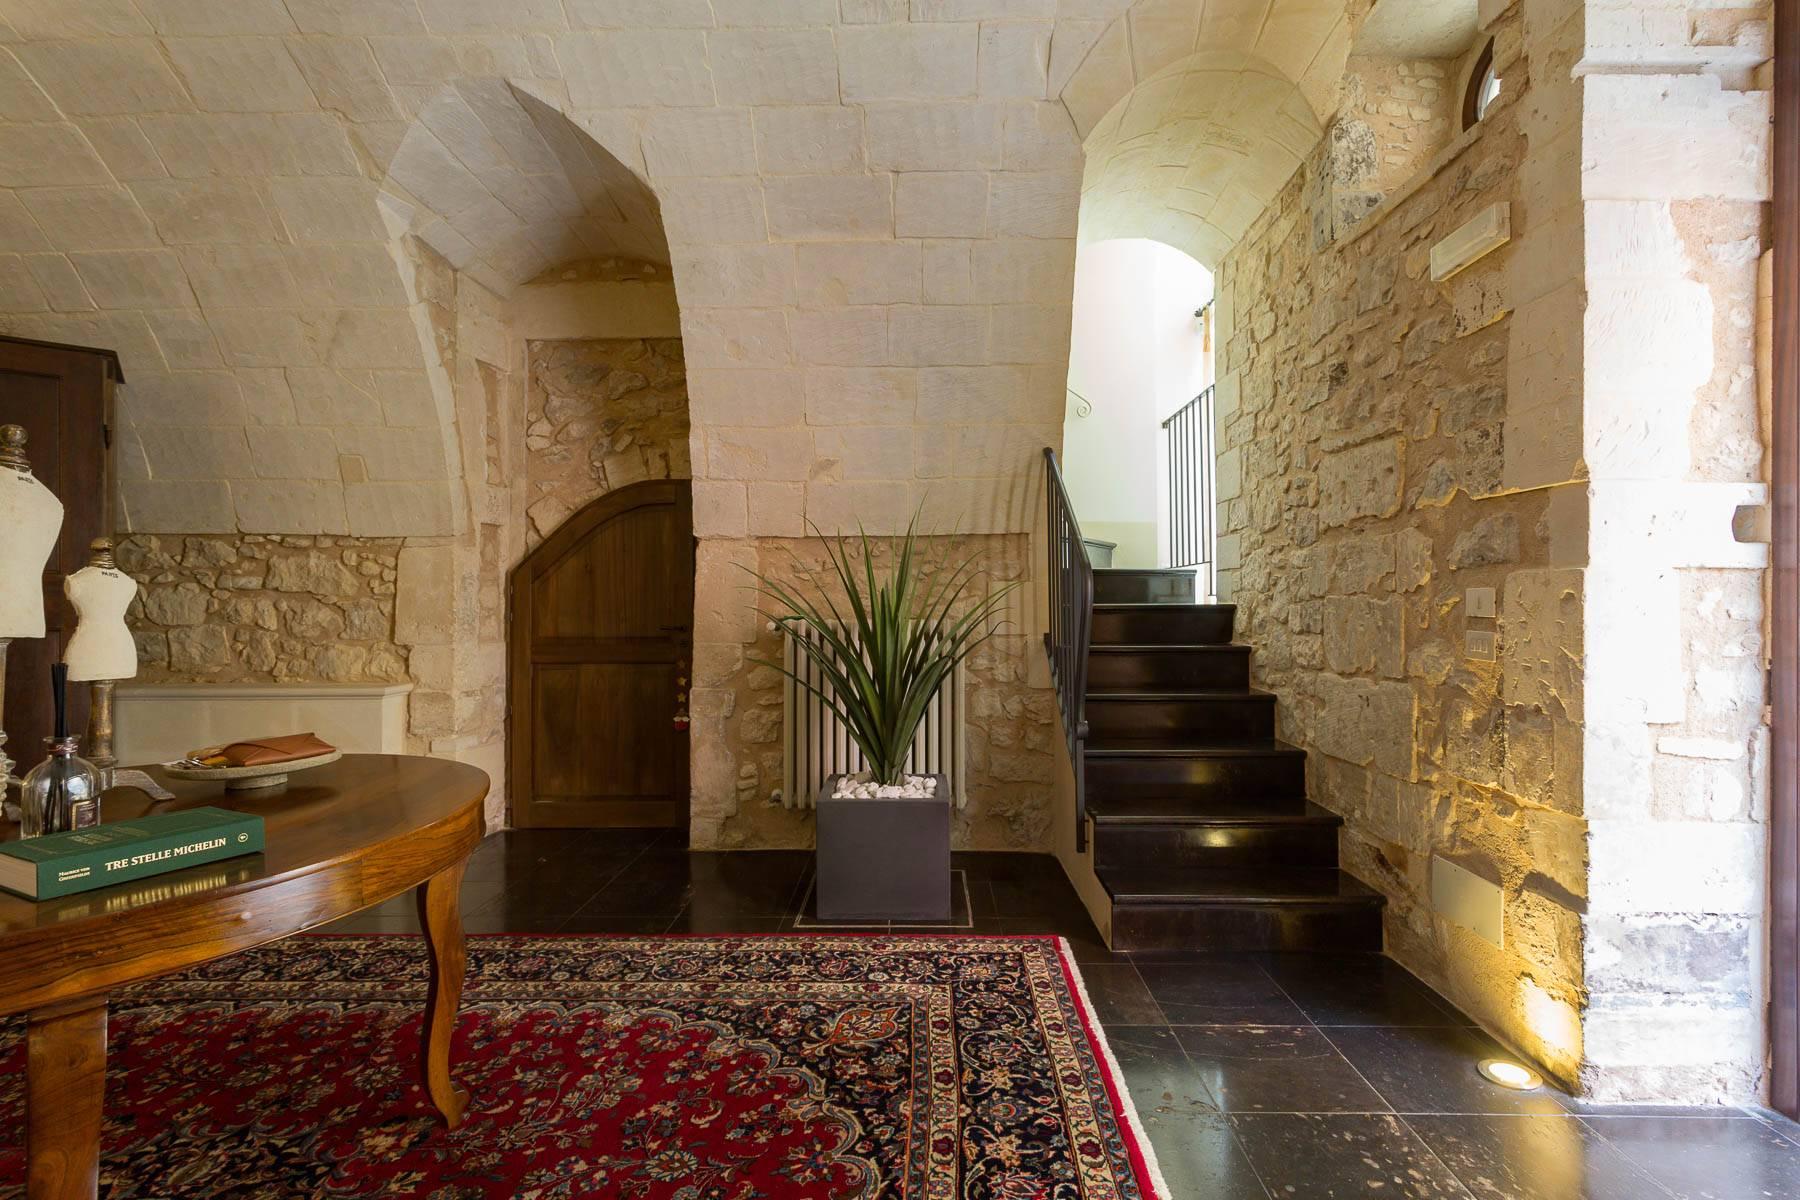 Casa indipendente in Vendita a Ragusa: 5 locali, 200 mq - Foto 1